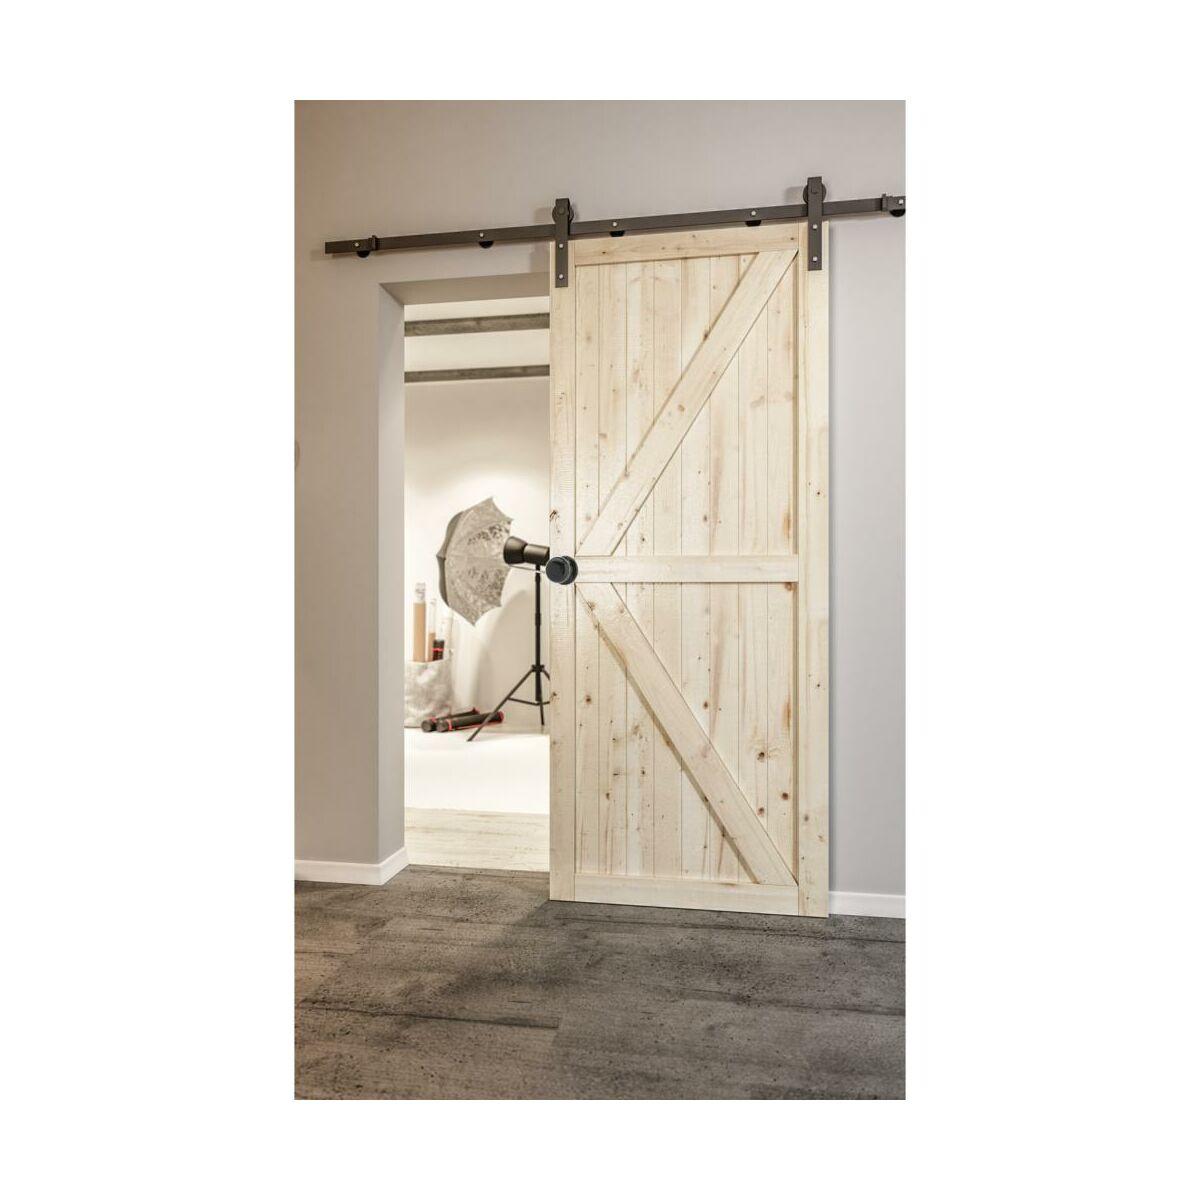 Skrzydlo Przesuwne Drewniane Loft Ii 90 Radex Drzwi Przesuwne Wewnetrzne W Atrakcyjnej Cenie W Sklepach Leroy Merlin